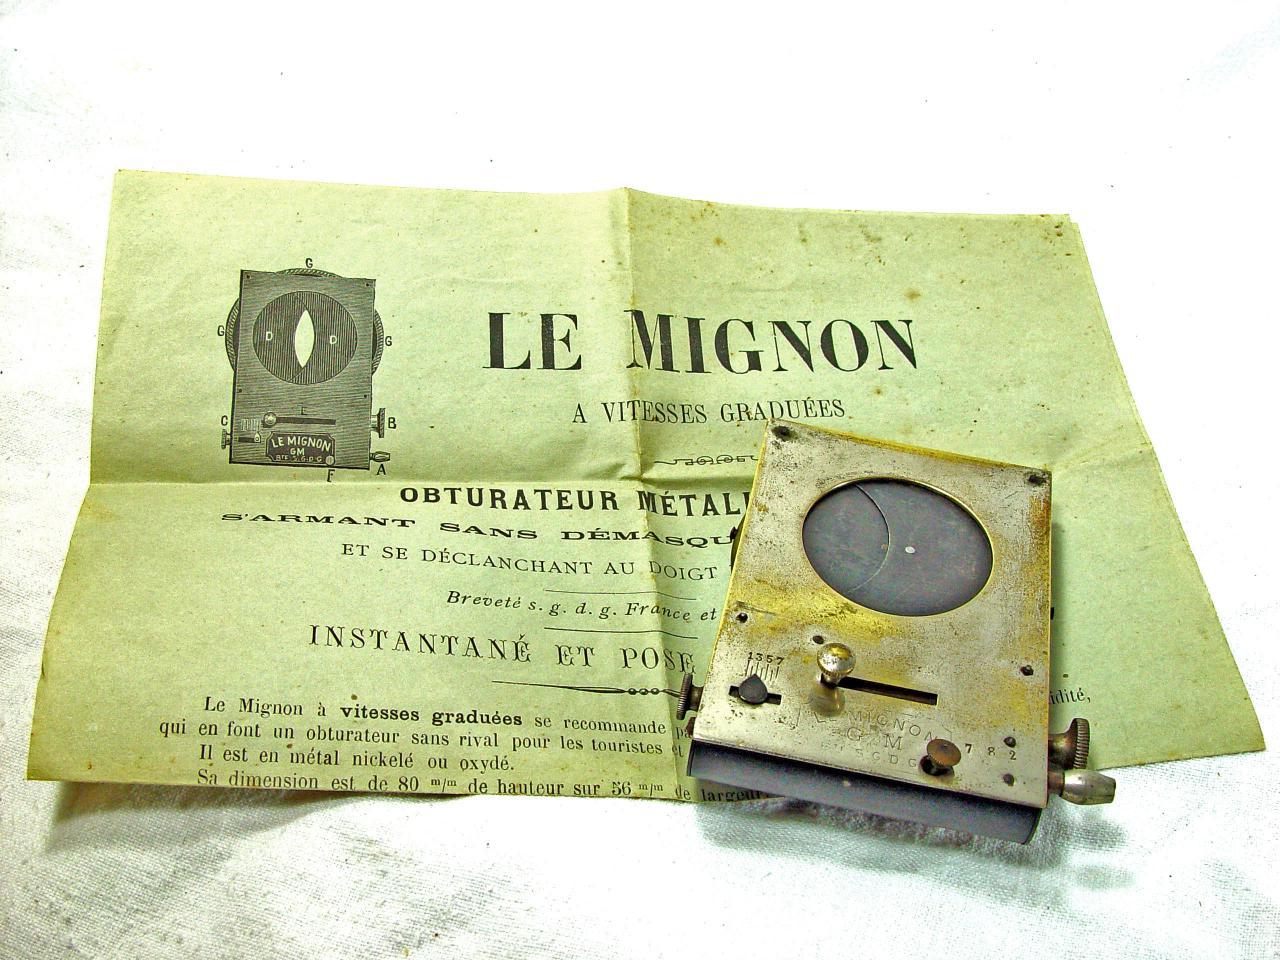 Wallpaper 3290-6  LE MIGNON  Obturateur mono, collection AMI Appareils photos